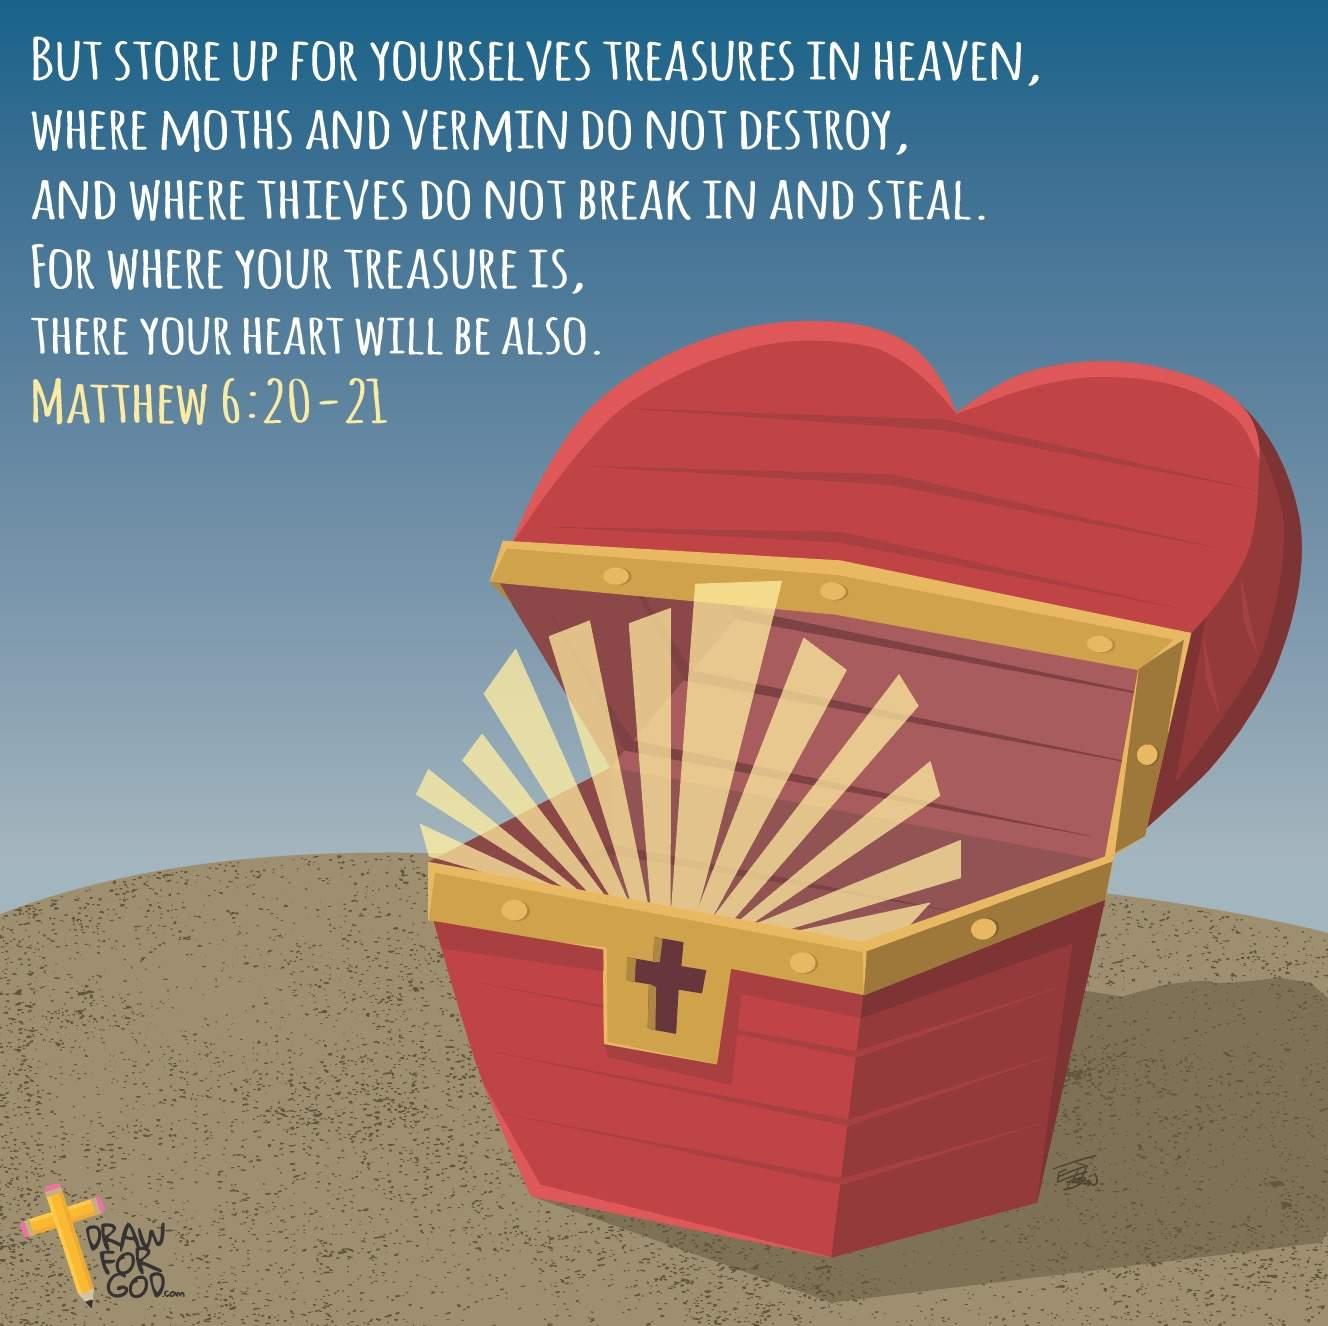 treasures-in-heaven